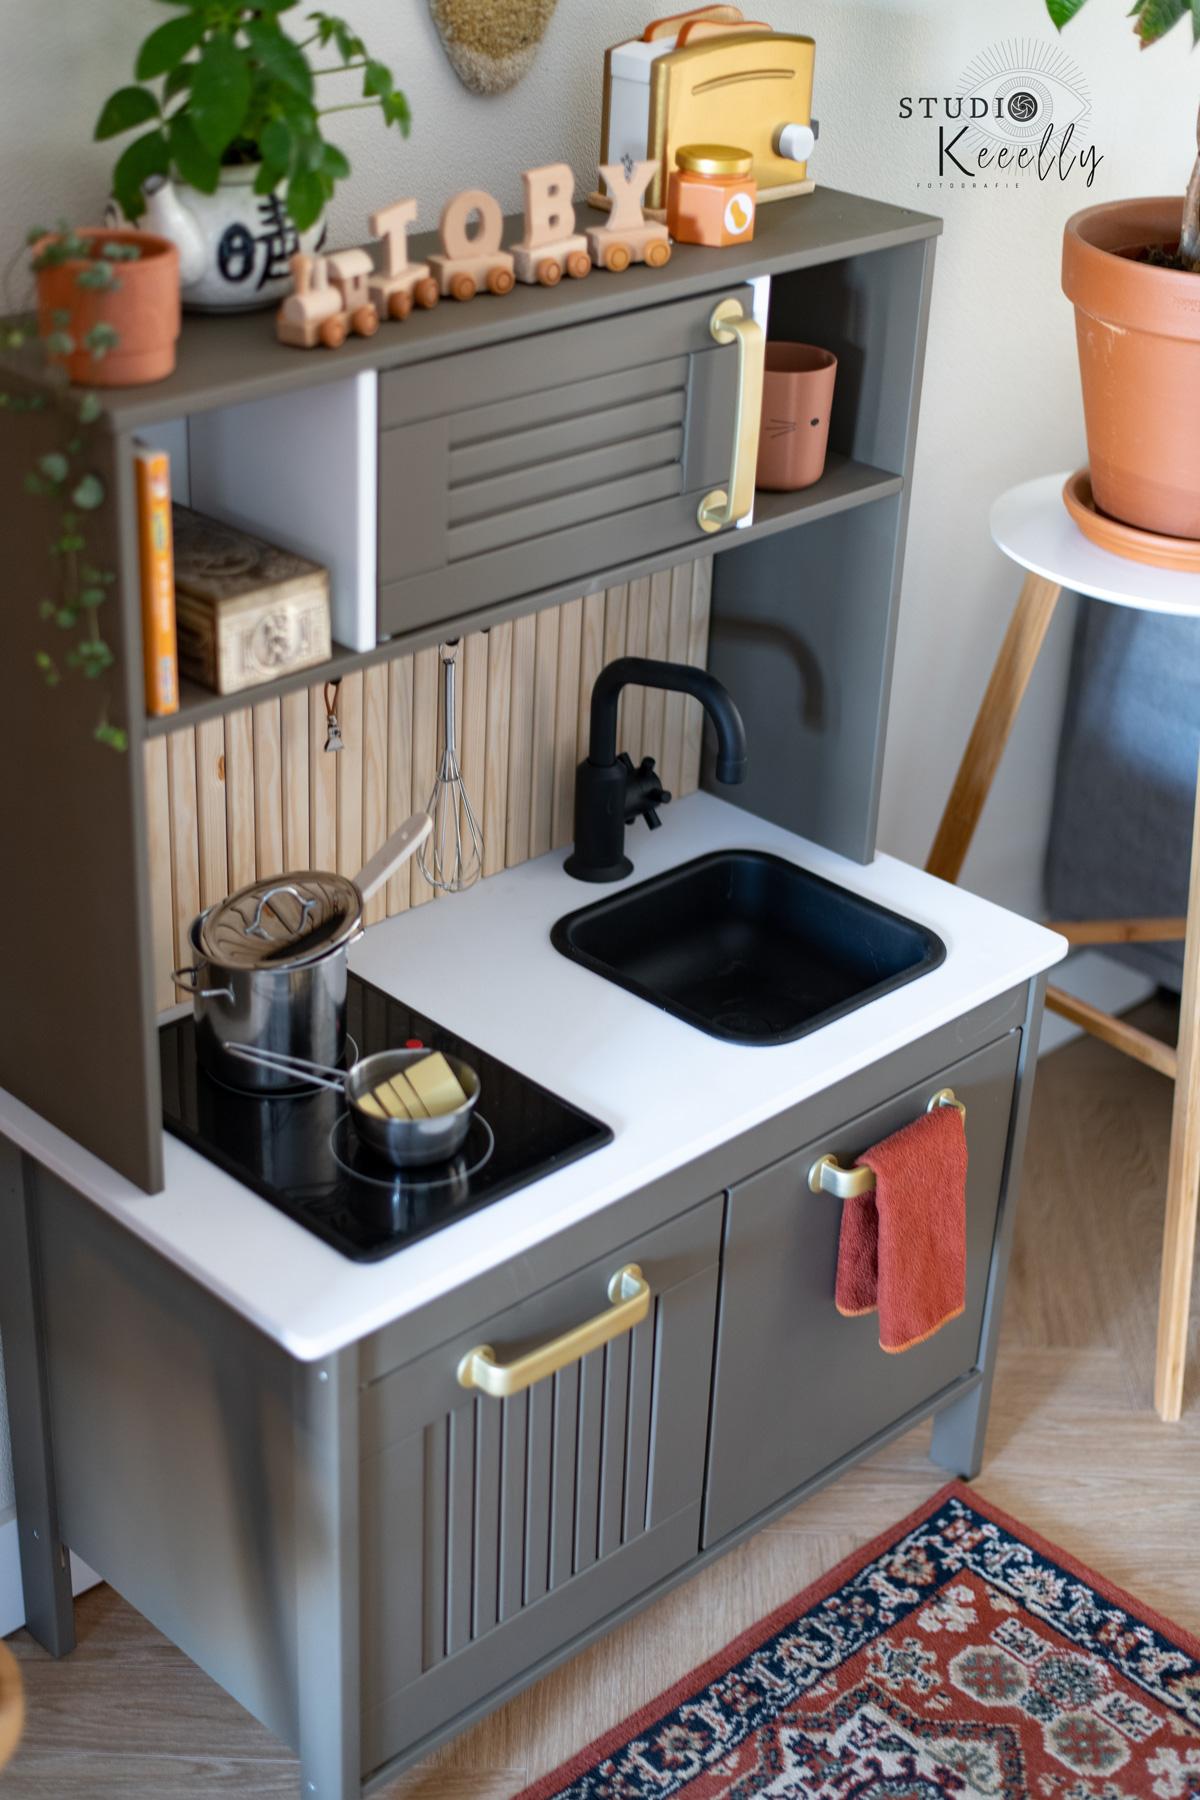 Diy Ikea Duktig Keuken Voor Toby Keeelly91blog